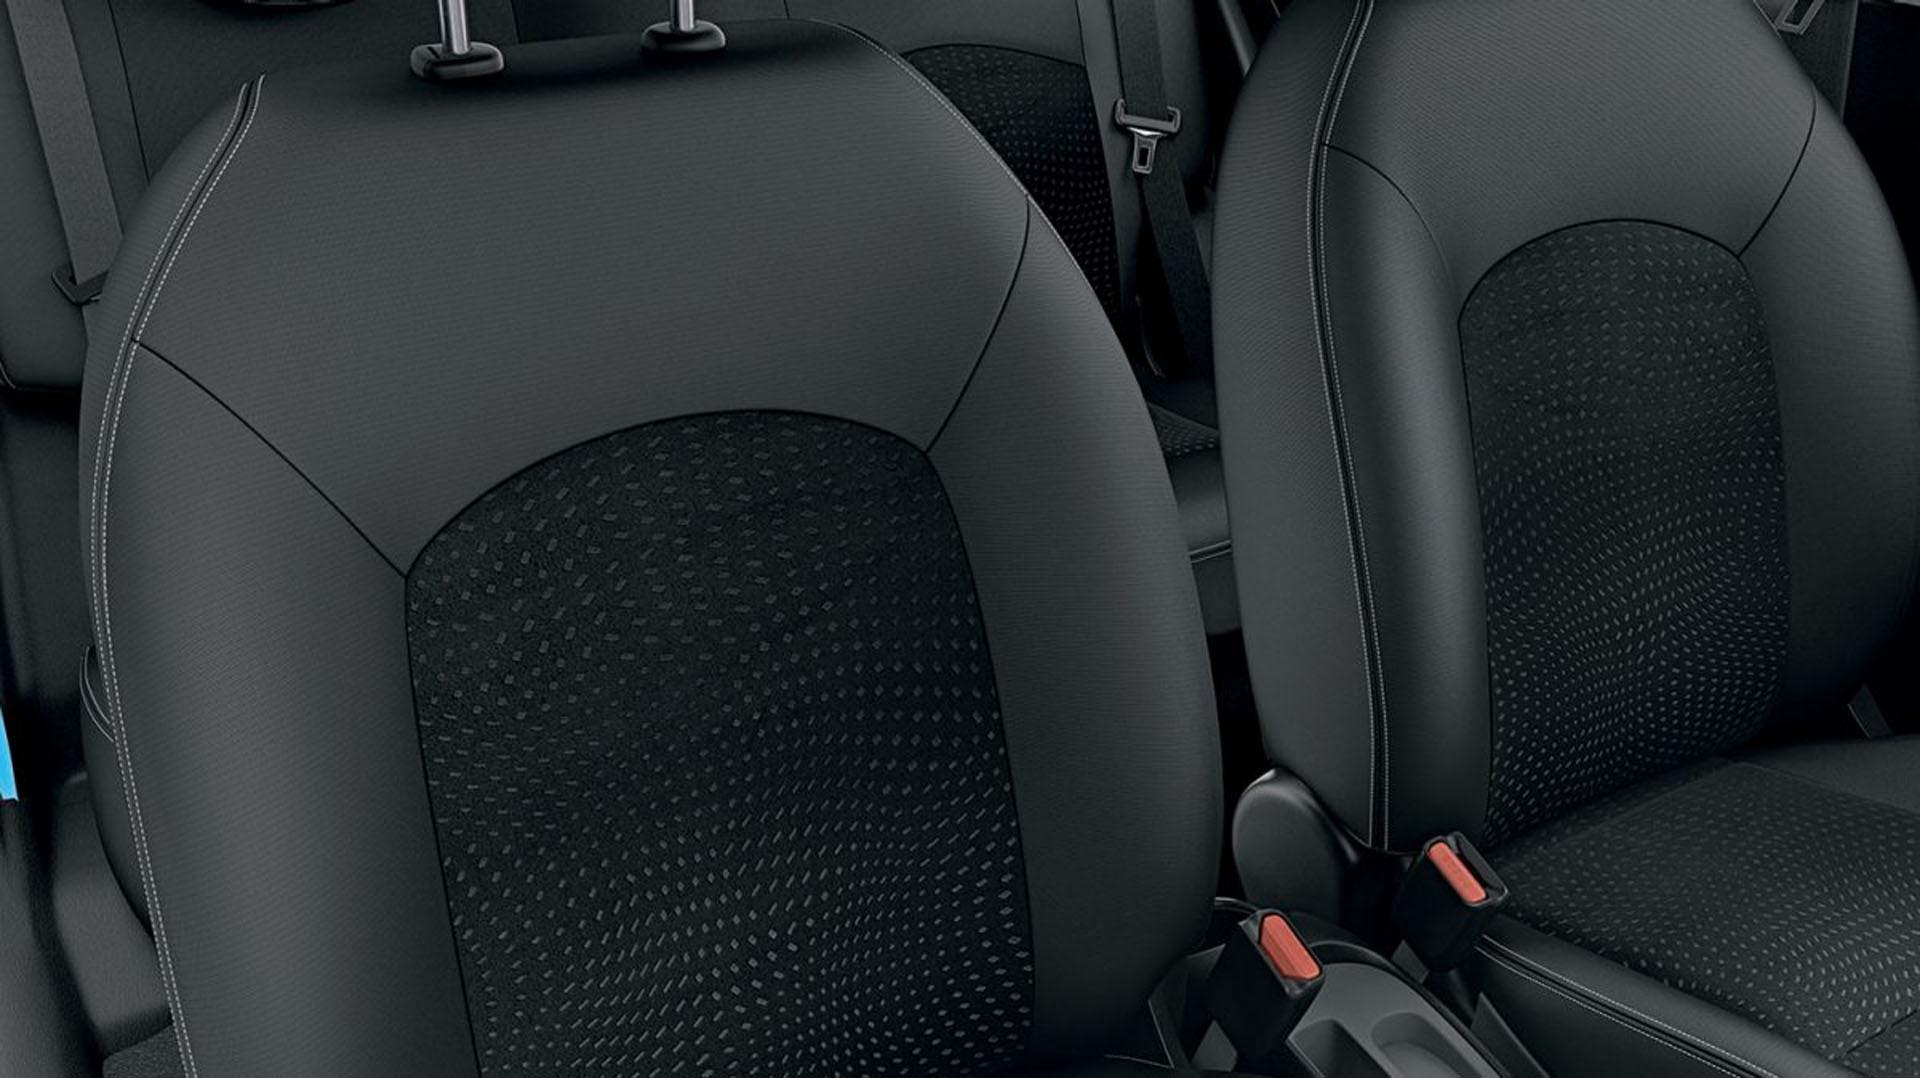 Por dentro, el elegante estilo del efecto de tapizado de gamuza en las superficies de los asientos que hacen juego con los encajes de los paneles de las puertas. La doble costura de contraste añade el toque final